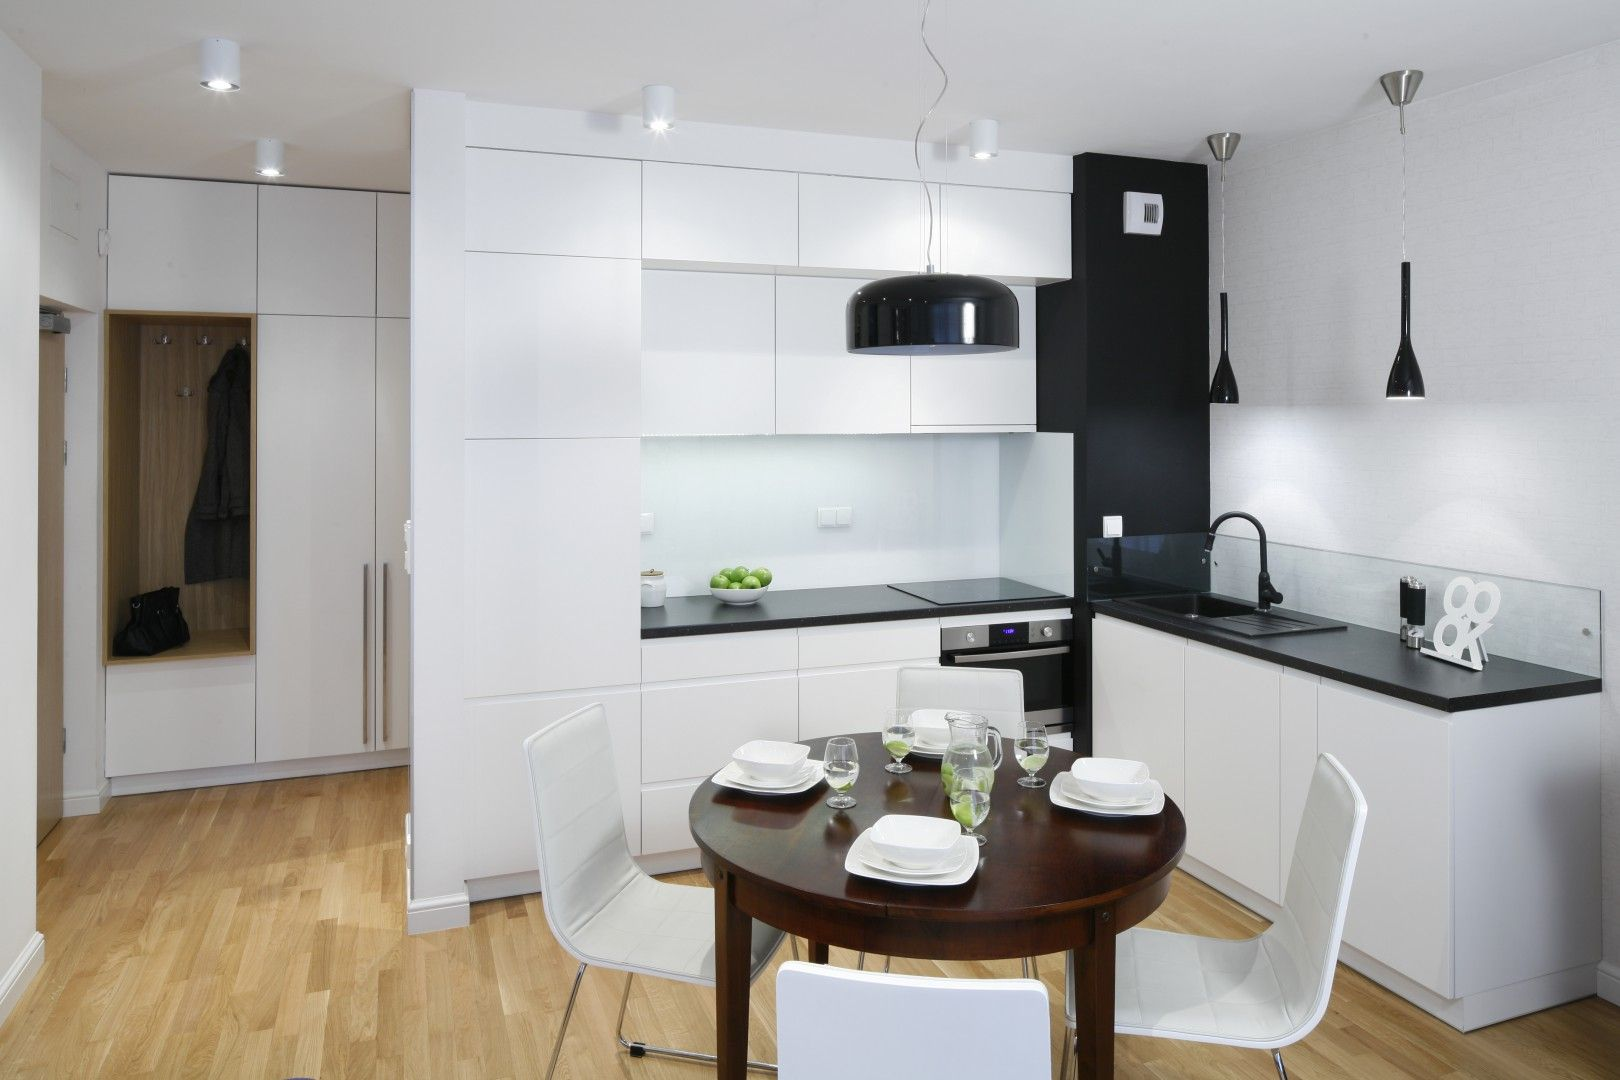 Kuchnie W Bloku Urzadzono W Bieli Jadalnie Usytuowano Na Granicy Z Salonem Organizuje Kitchen Interior Design Decor Interior Design Kitchen Kitchen Interior